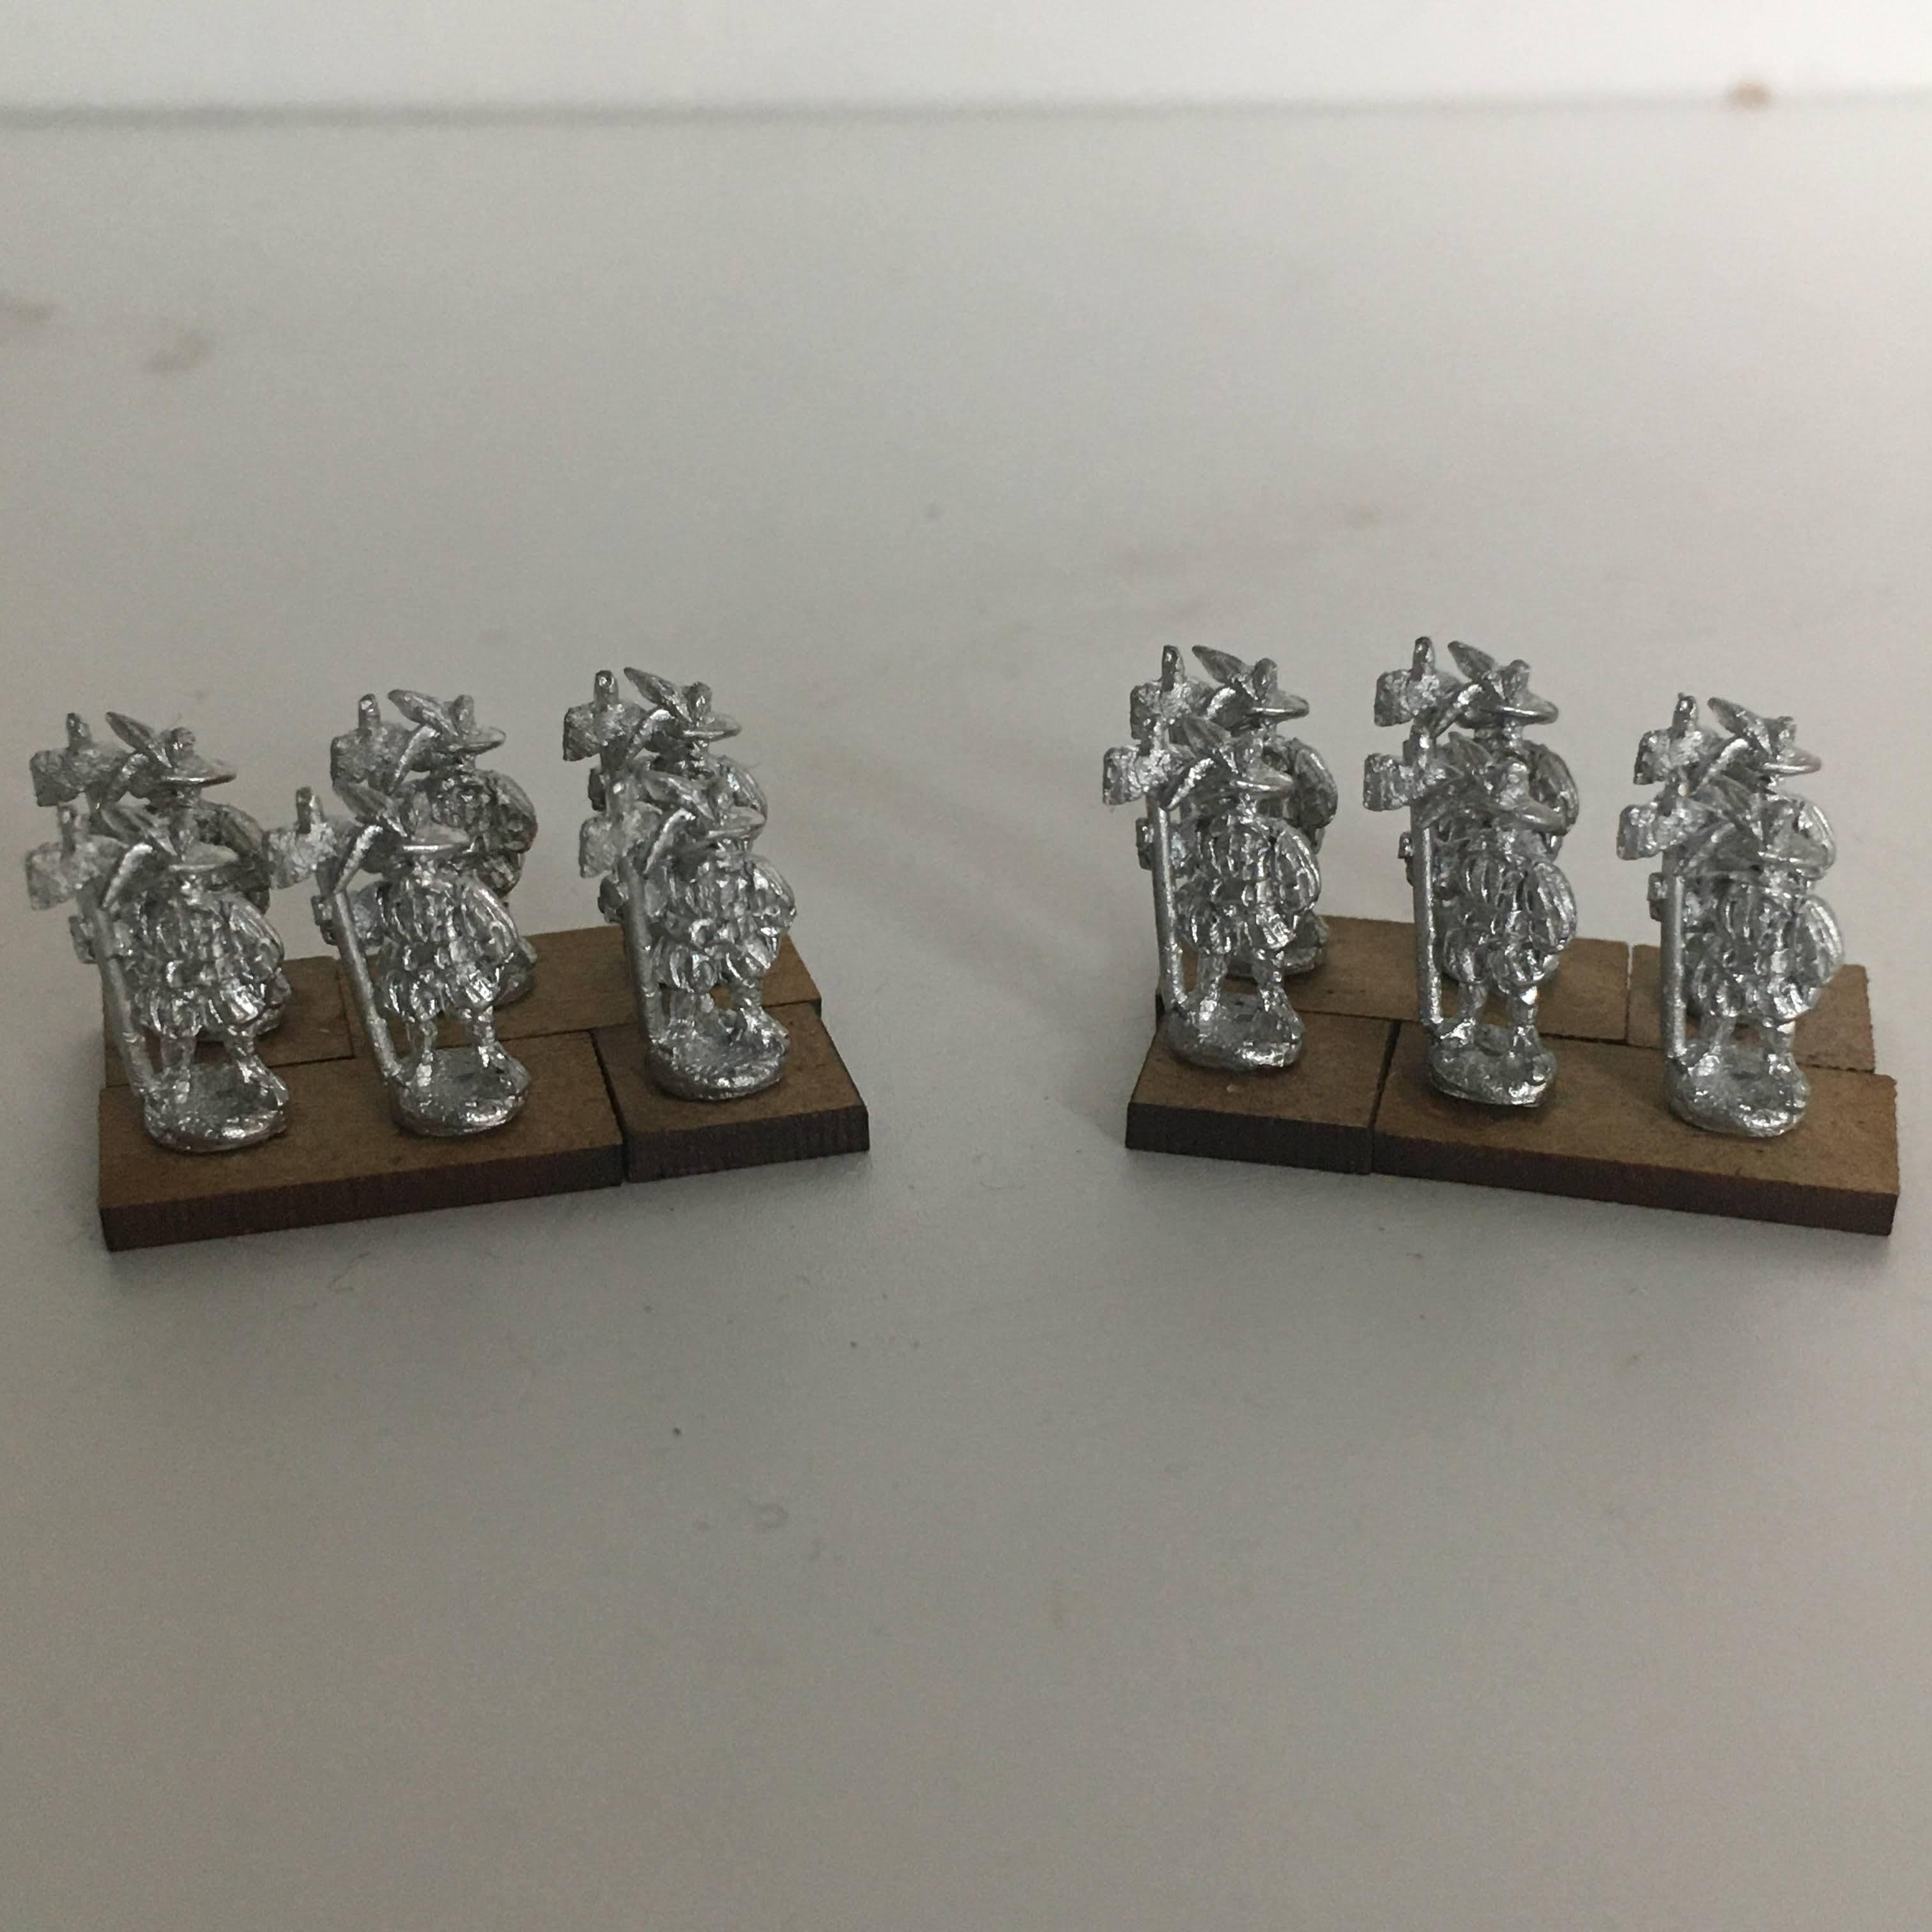 two units of 6 Halberdiers